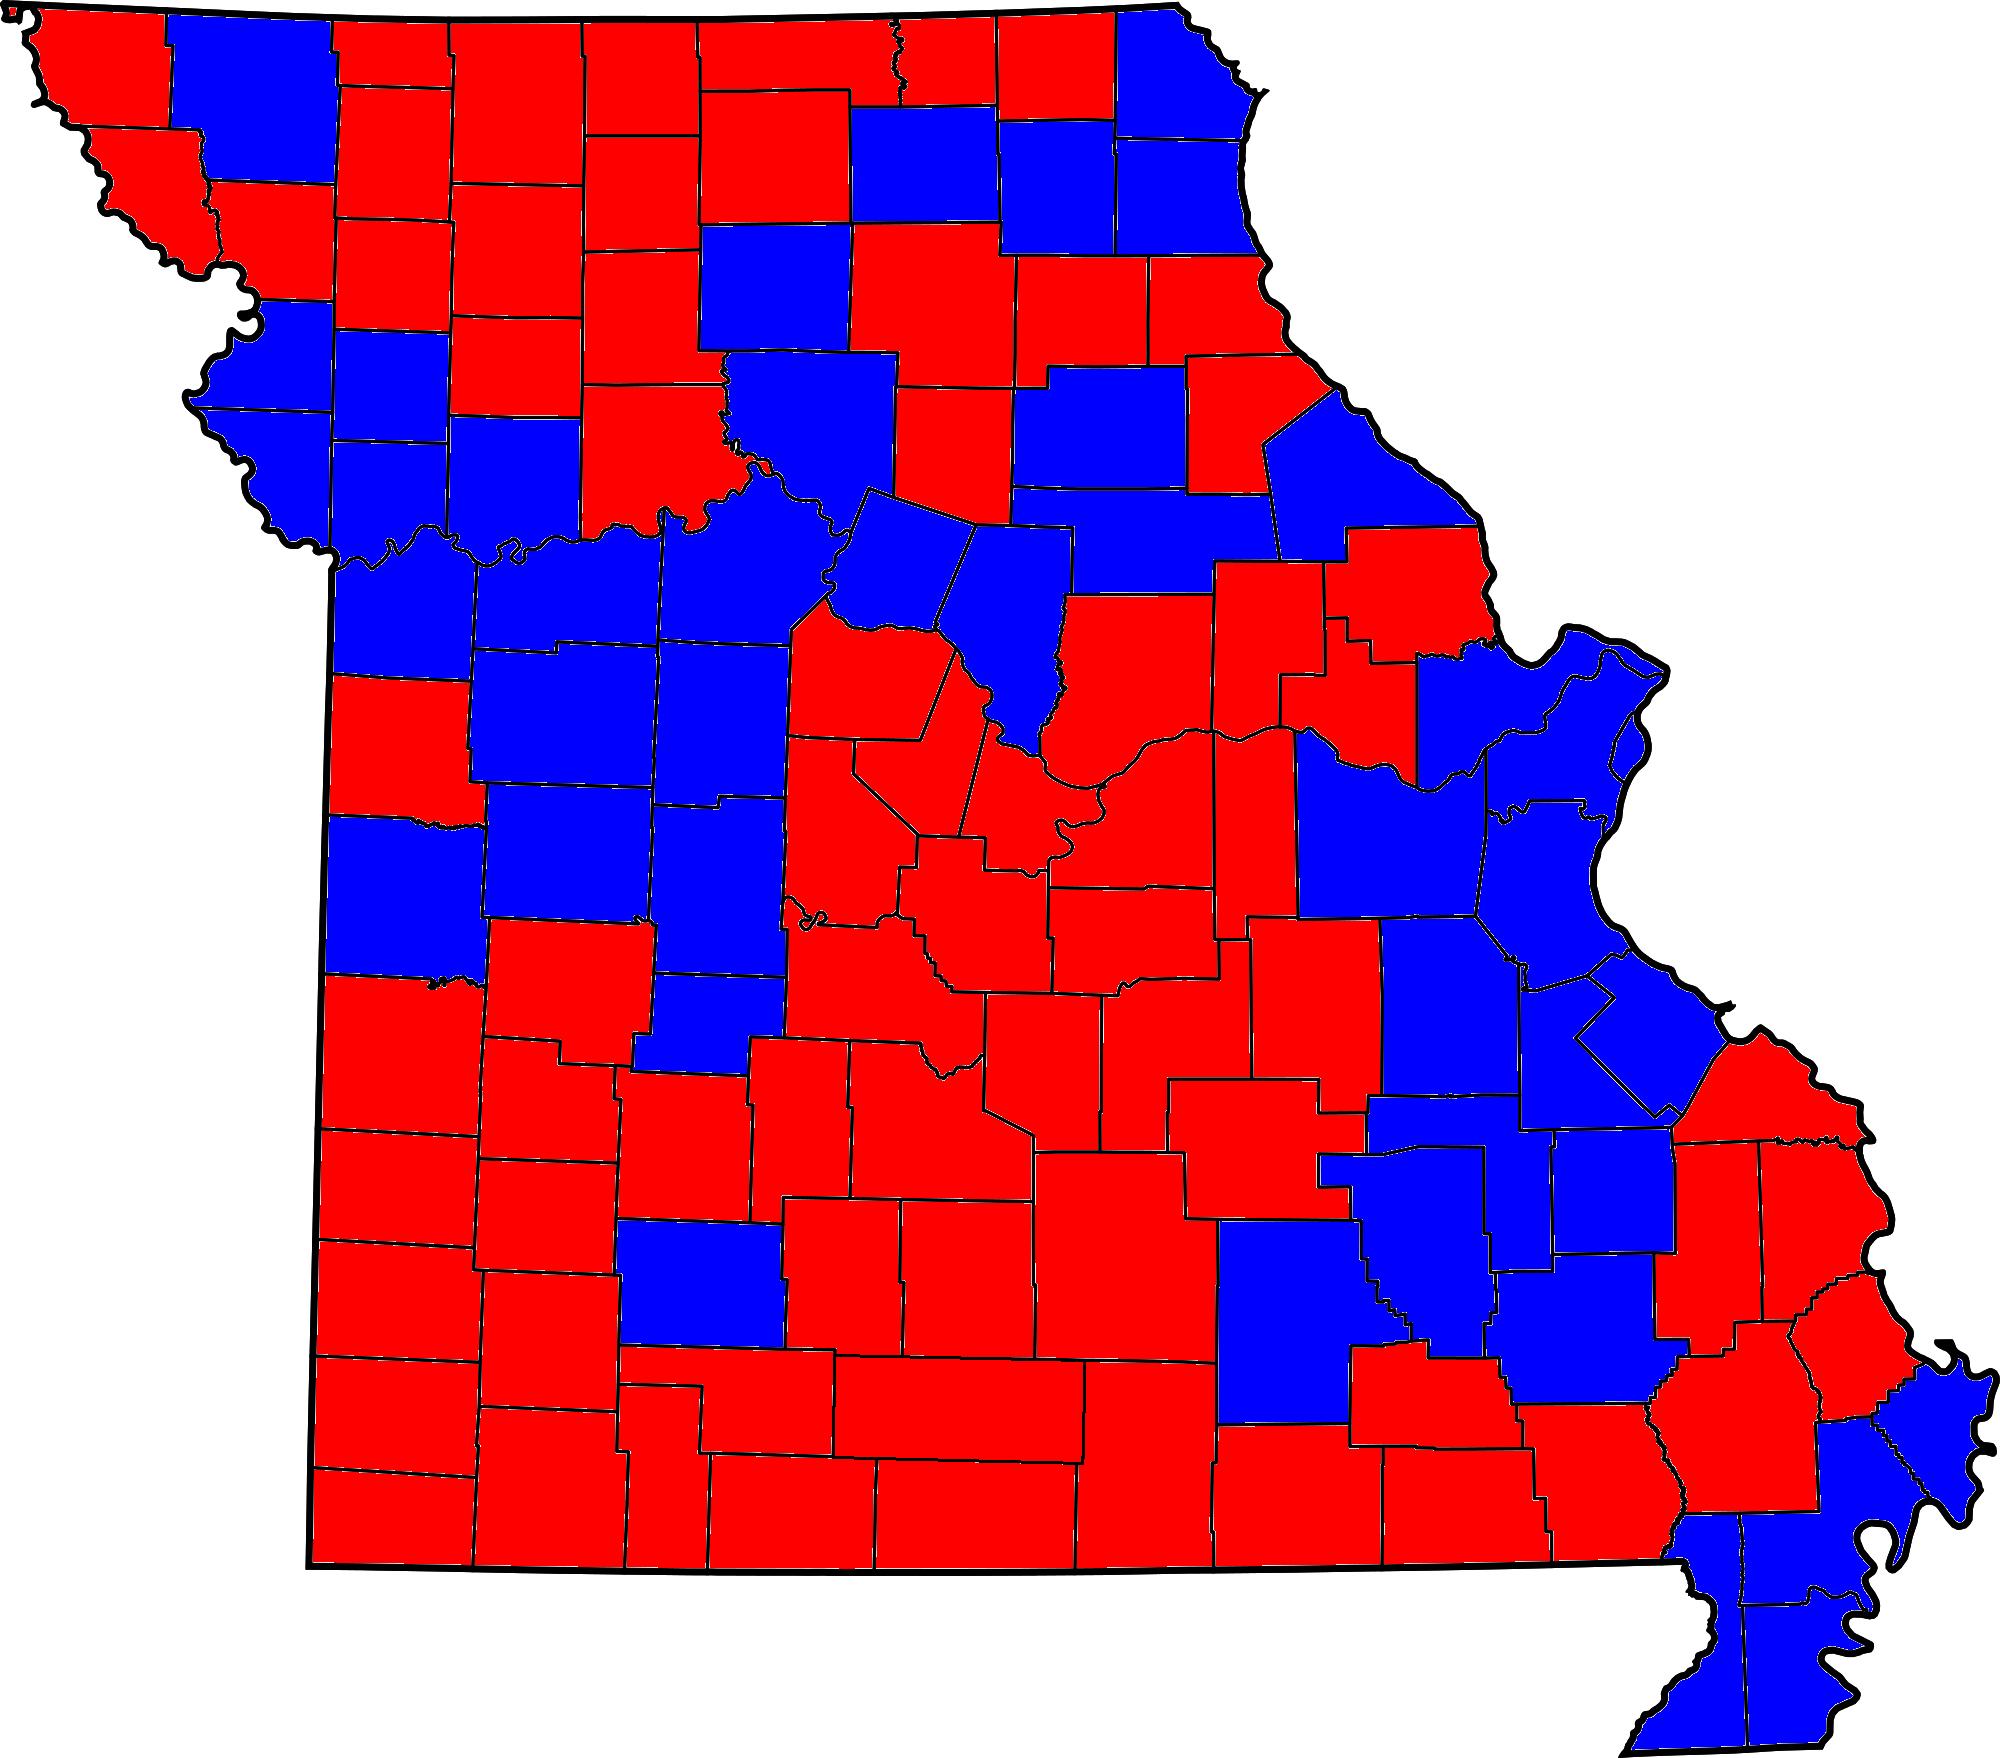 File:Missouri Gubernatorial Election 2012.png.